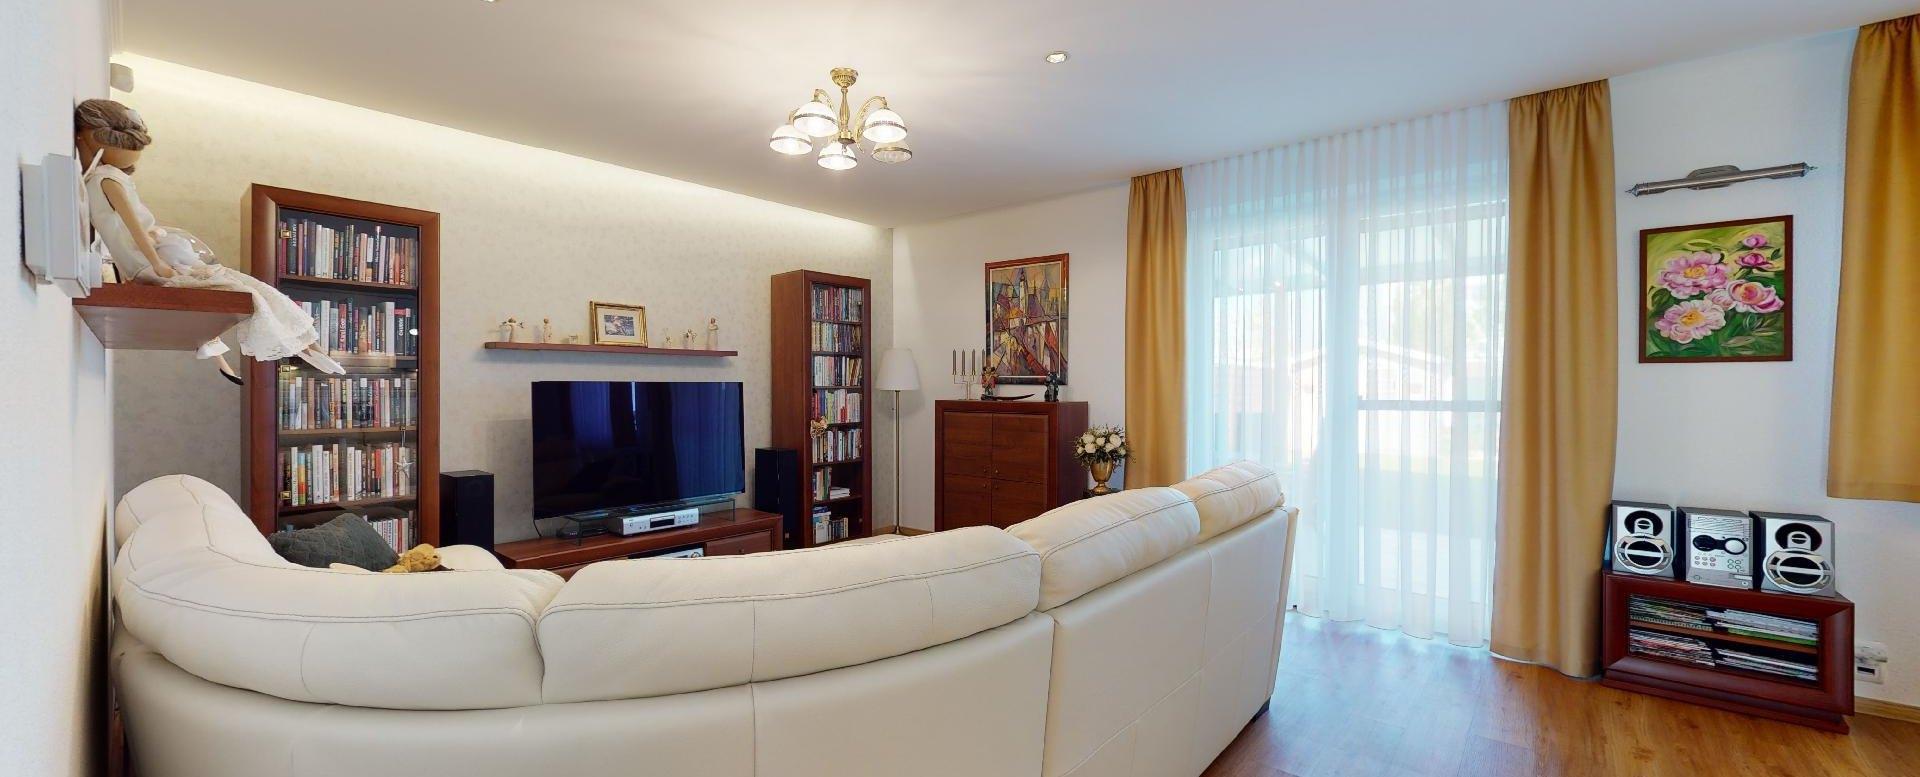 pohľad na obývačku z ľavej strany